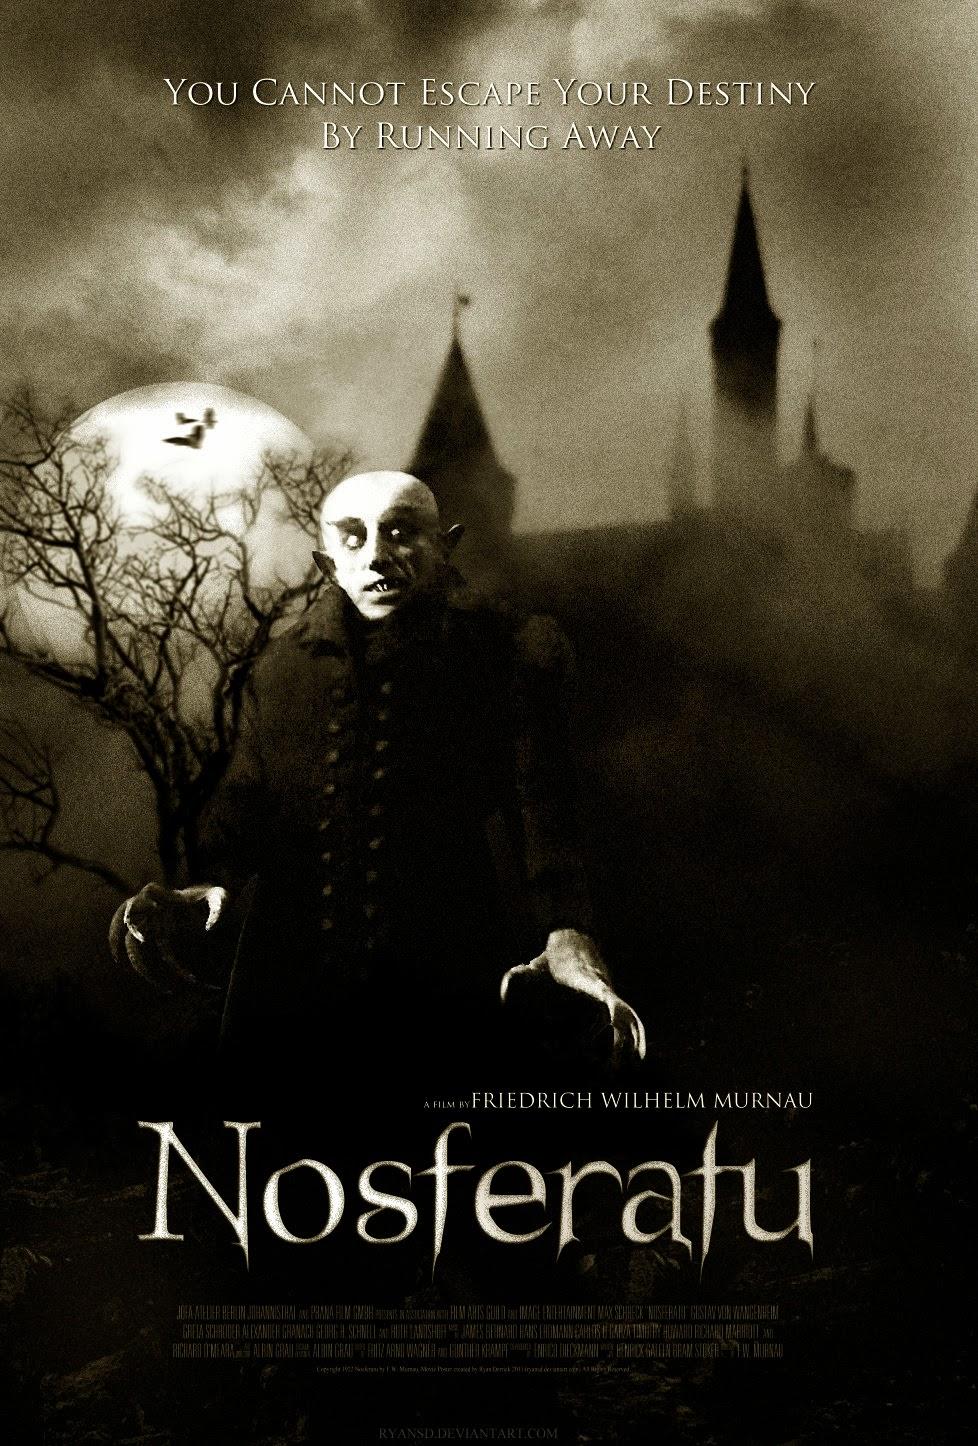 http://2.bp.blogspot.com/-zGN-VC5ZDxs/Un_iZ057tcI/AAAAAAAAPl4/XSu4ZGipjhs/s1600/nosferatu+poster.jpg